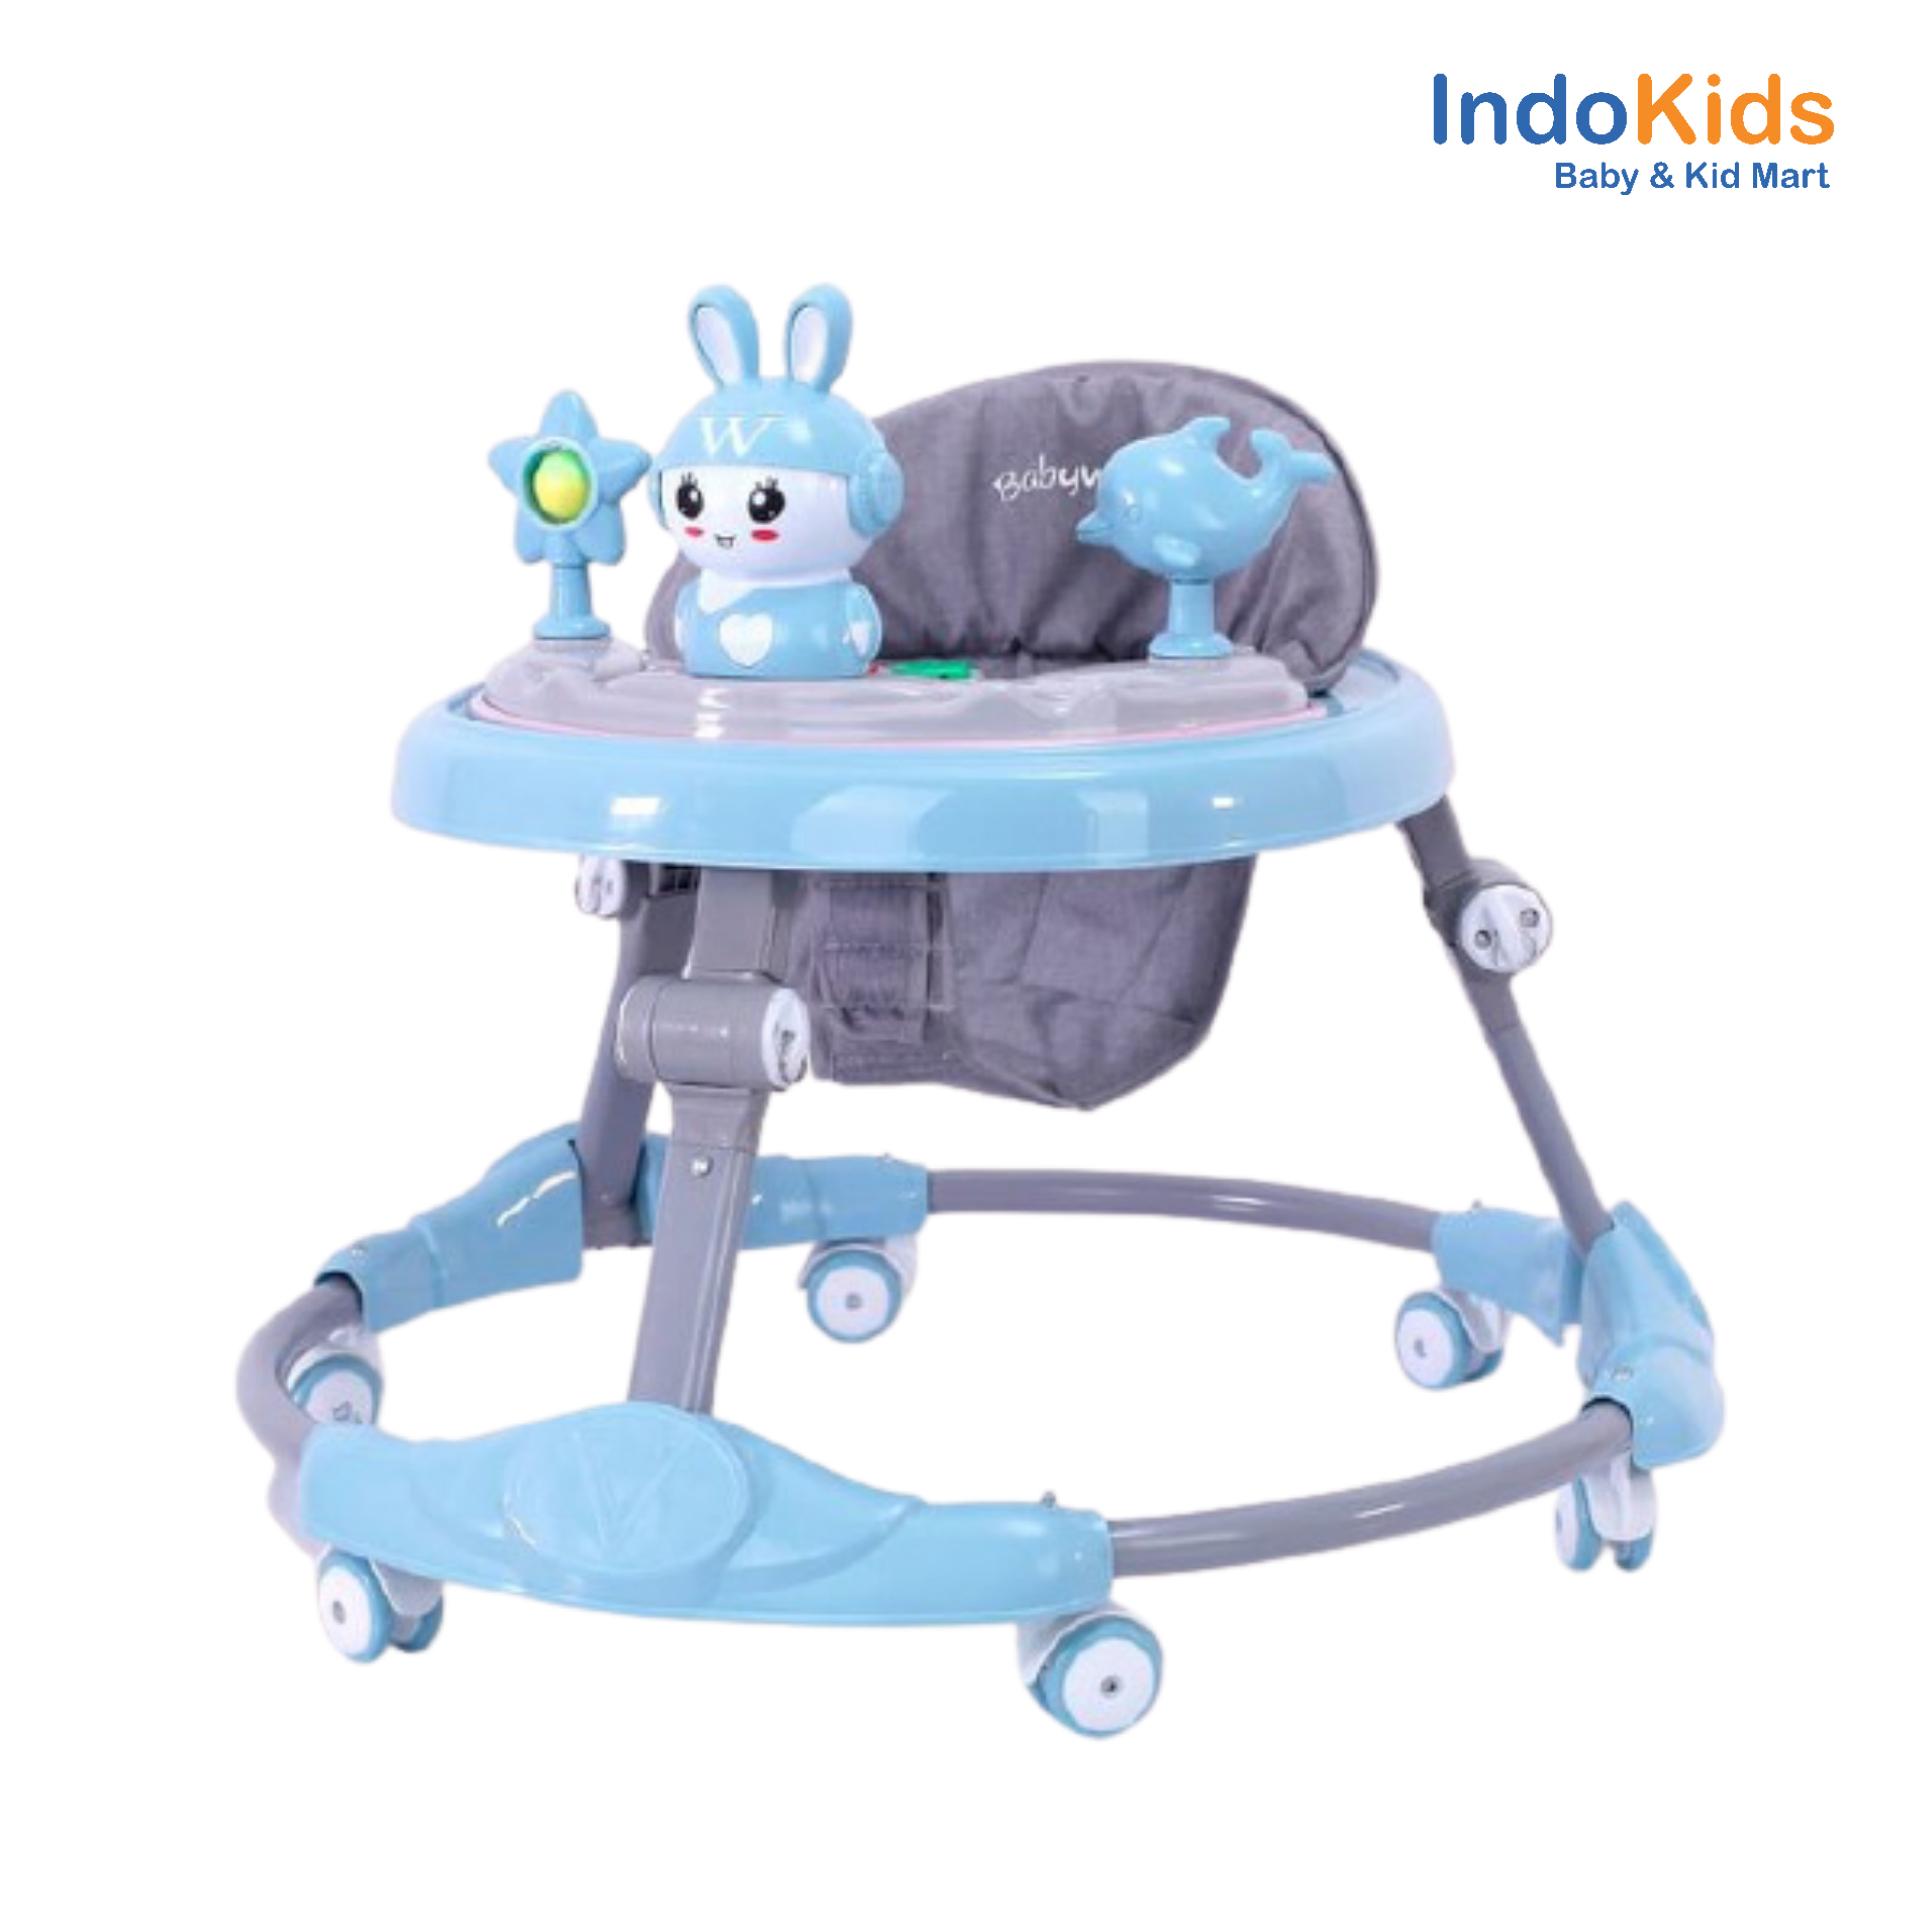 Spacebaby Baby Walker SB-509